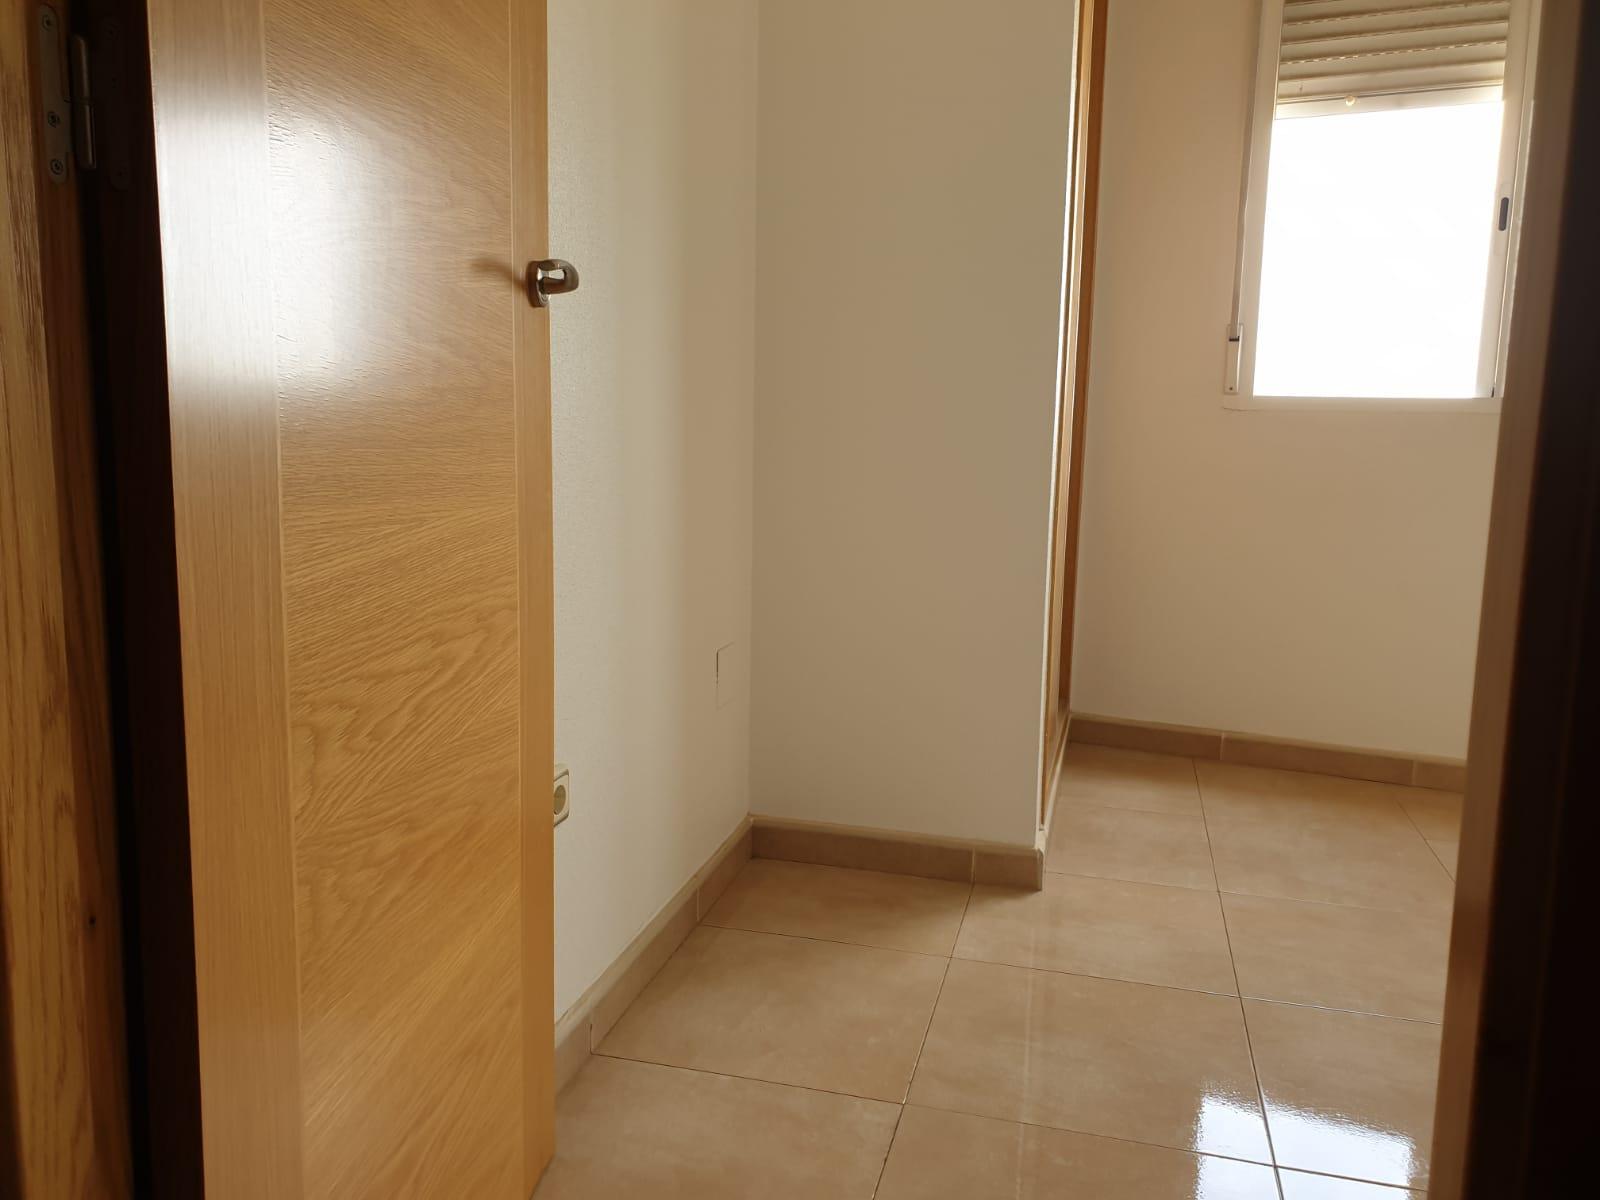 Piso en venta en Infante Juan Manuel, Murcia, Murcia, Calle Sol, 111.000 €, 4 habitaciones, 2 baños, 83,72 m2